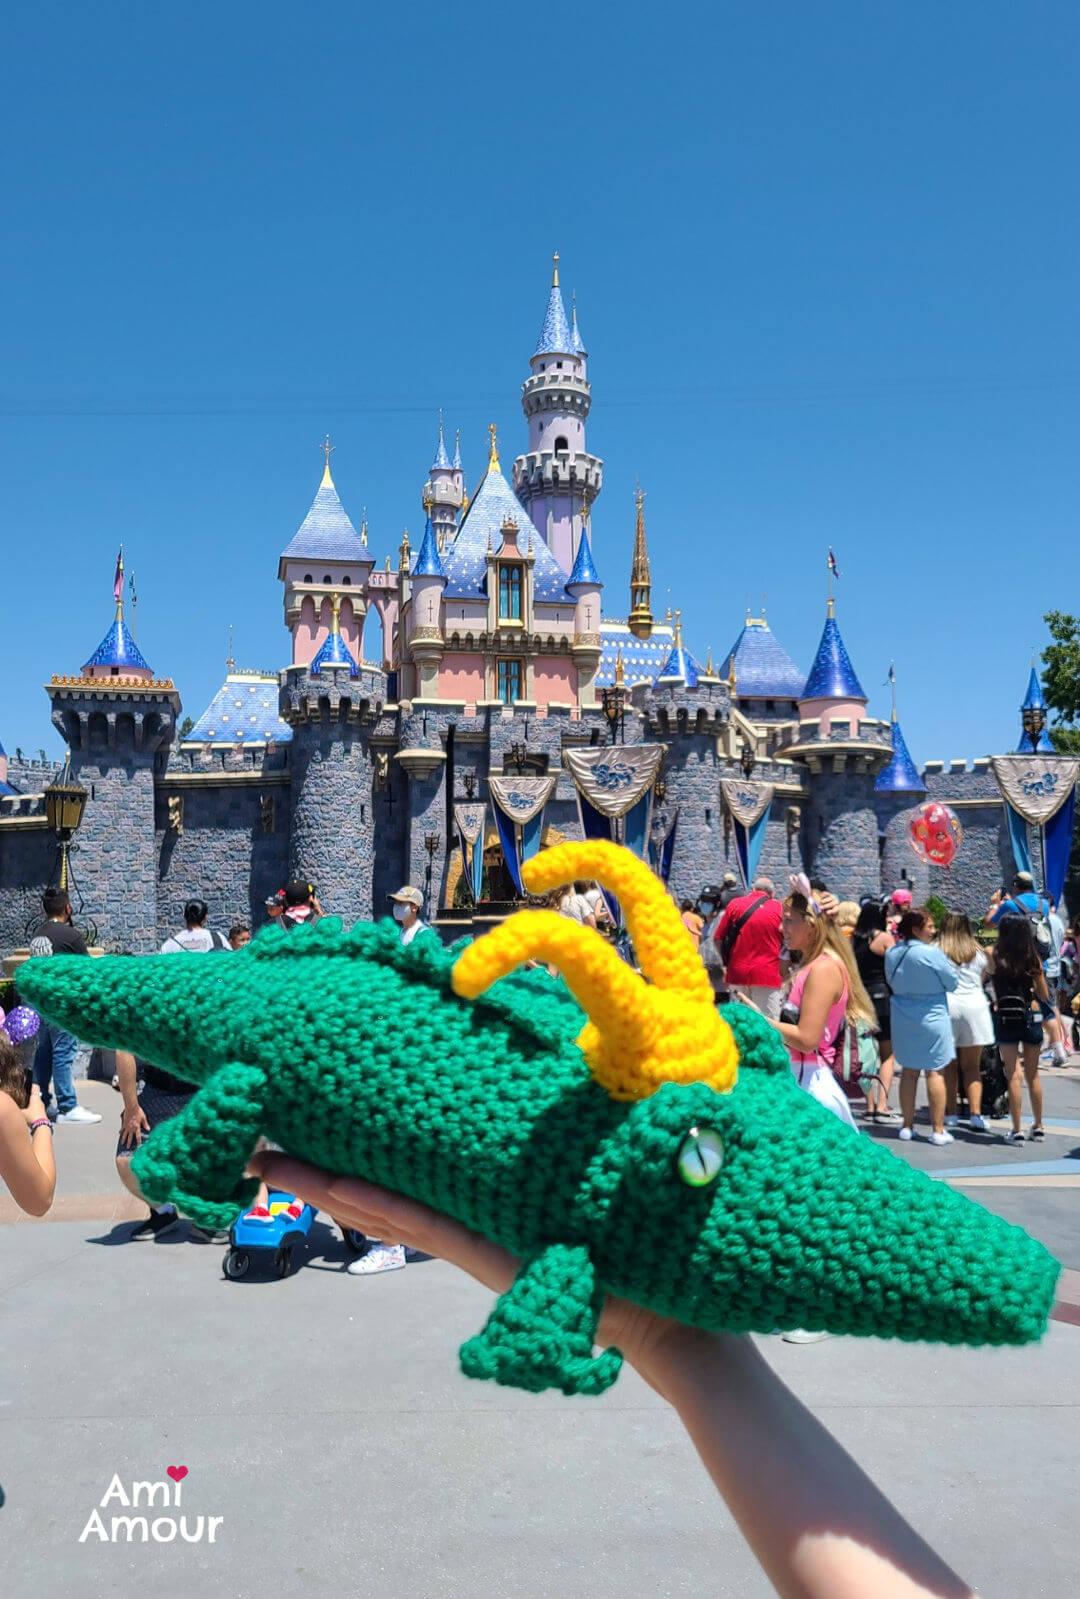 Alligator Loki at Disneyland Castle